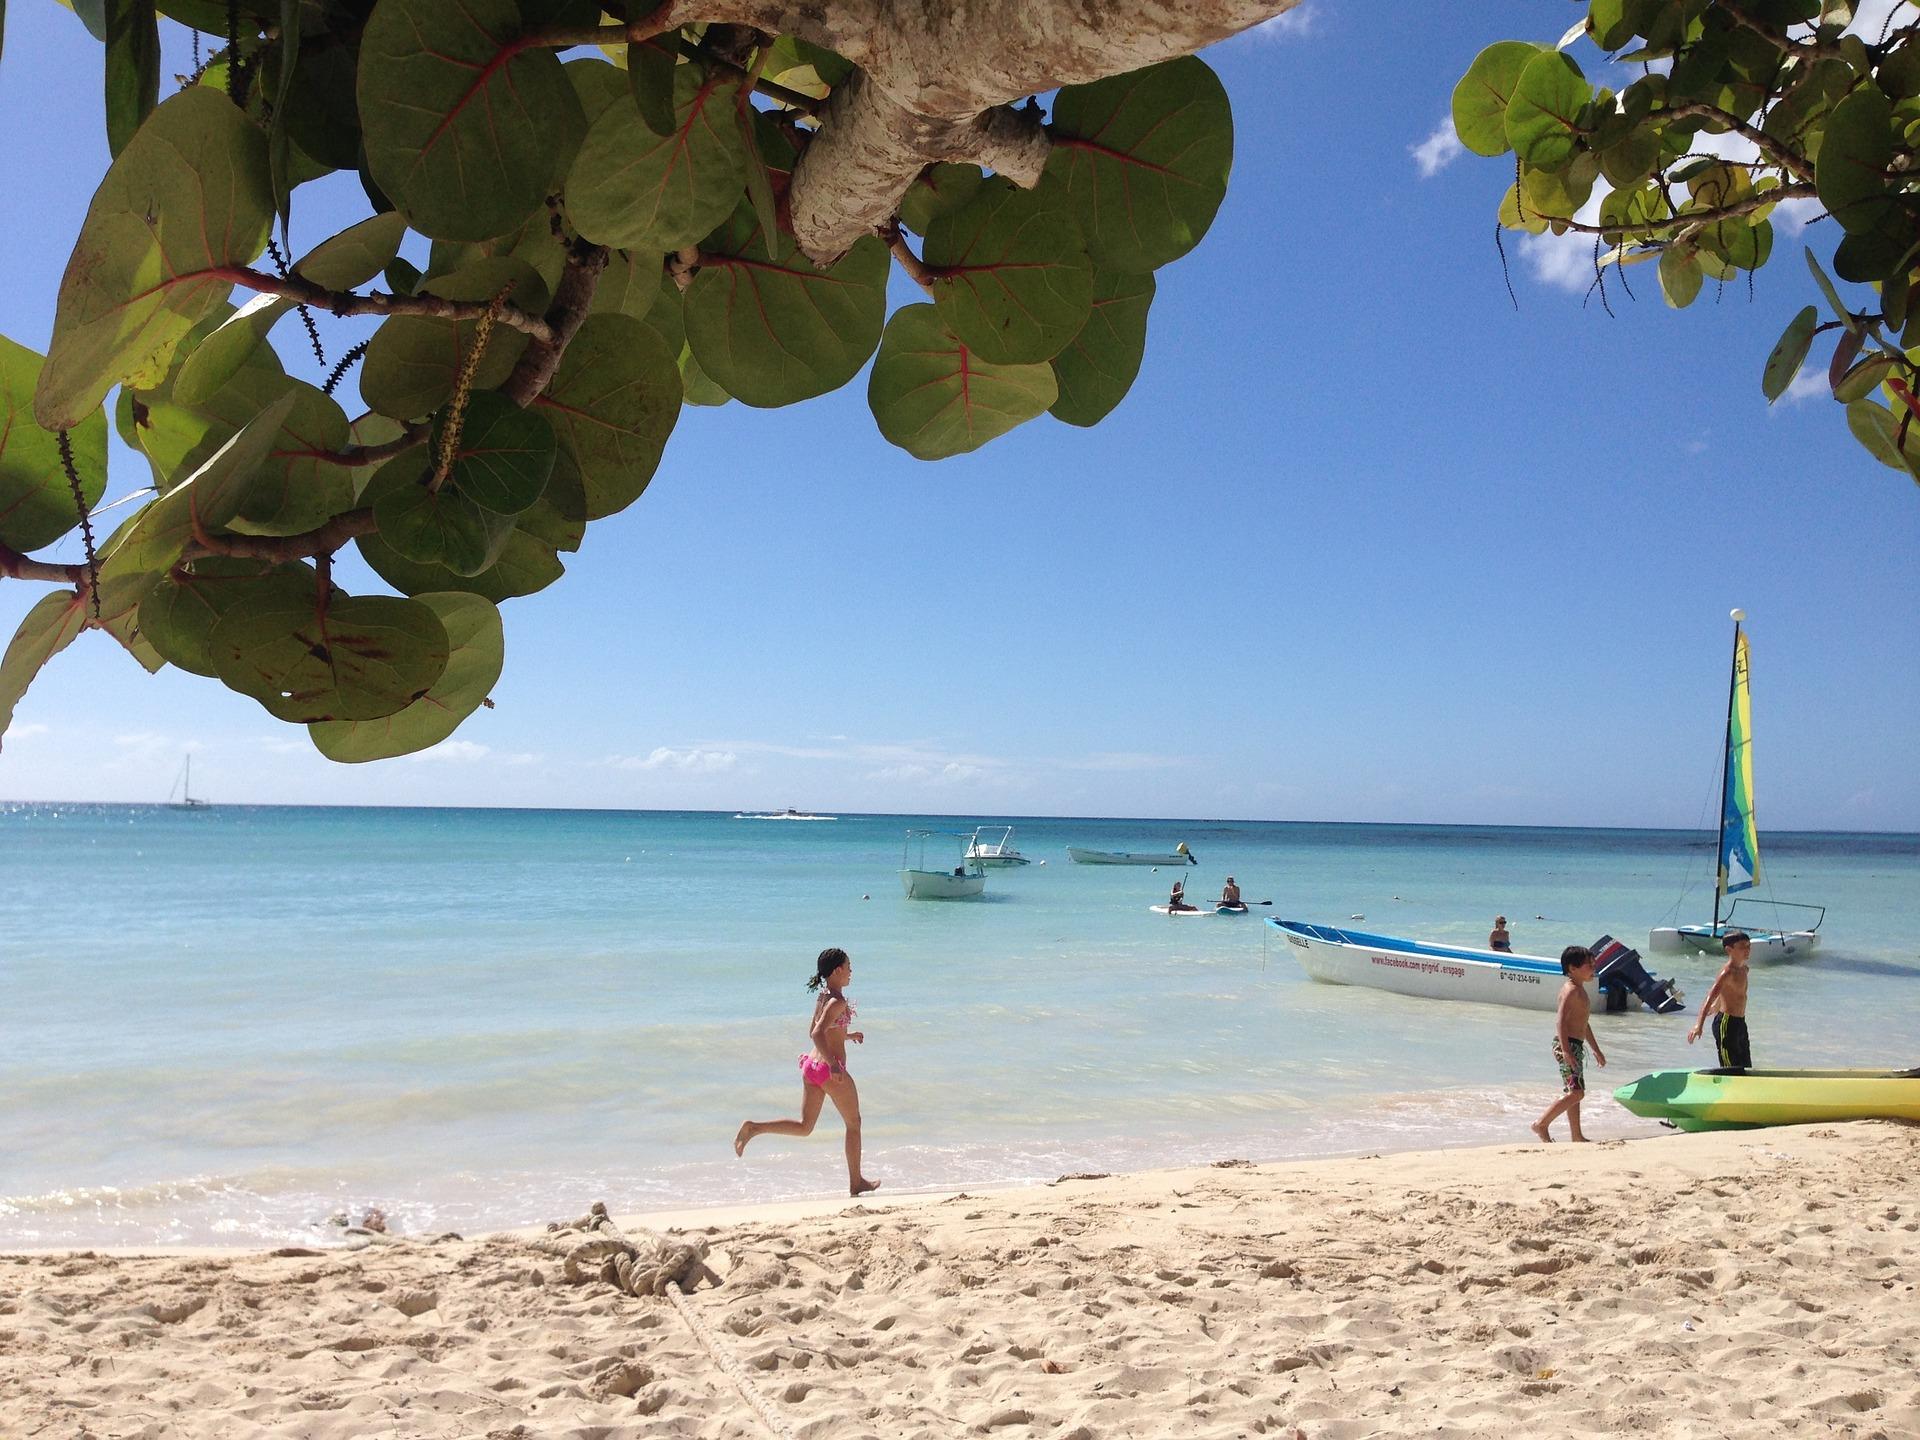 На море в будь-який момент: кращі курортні країни, куди можна їхати без ПЛР-тестів